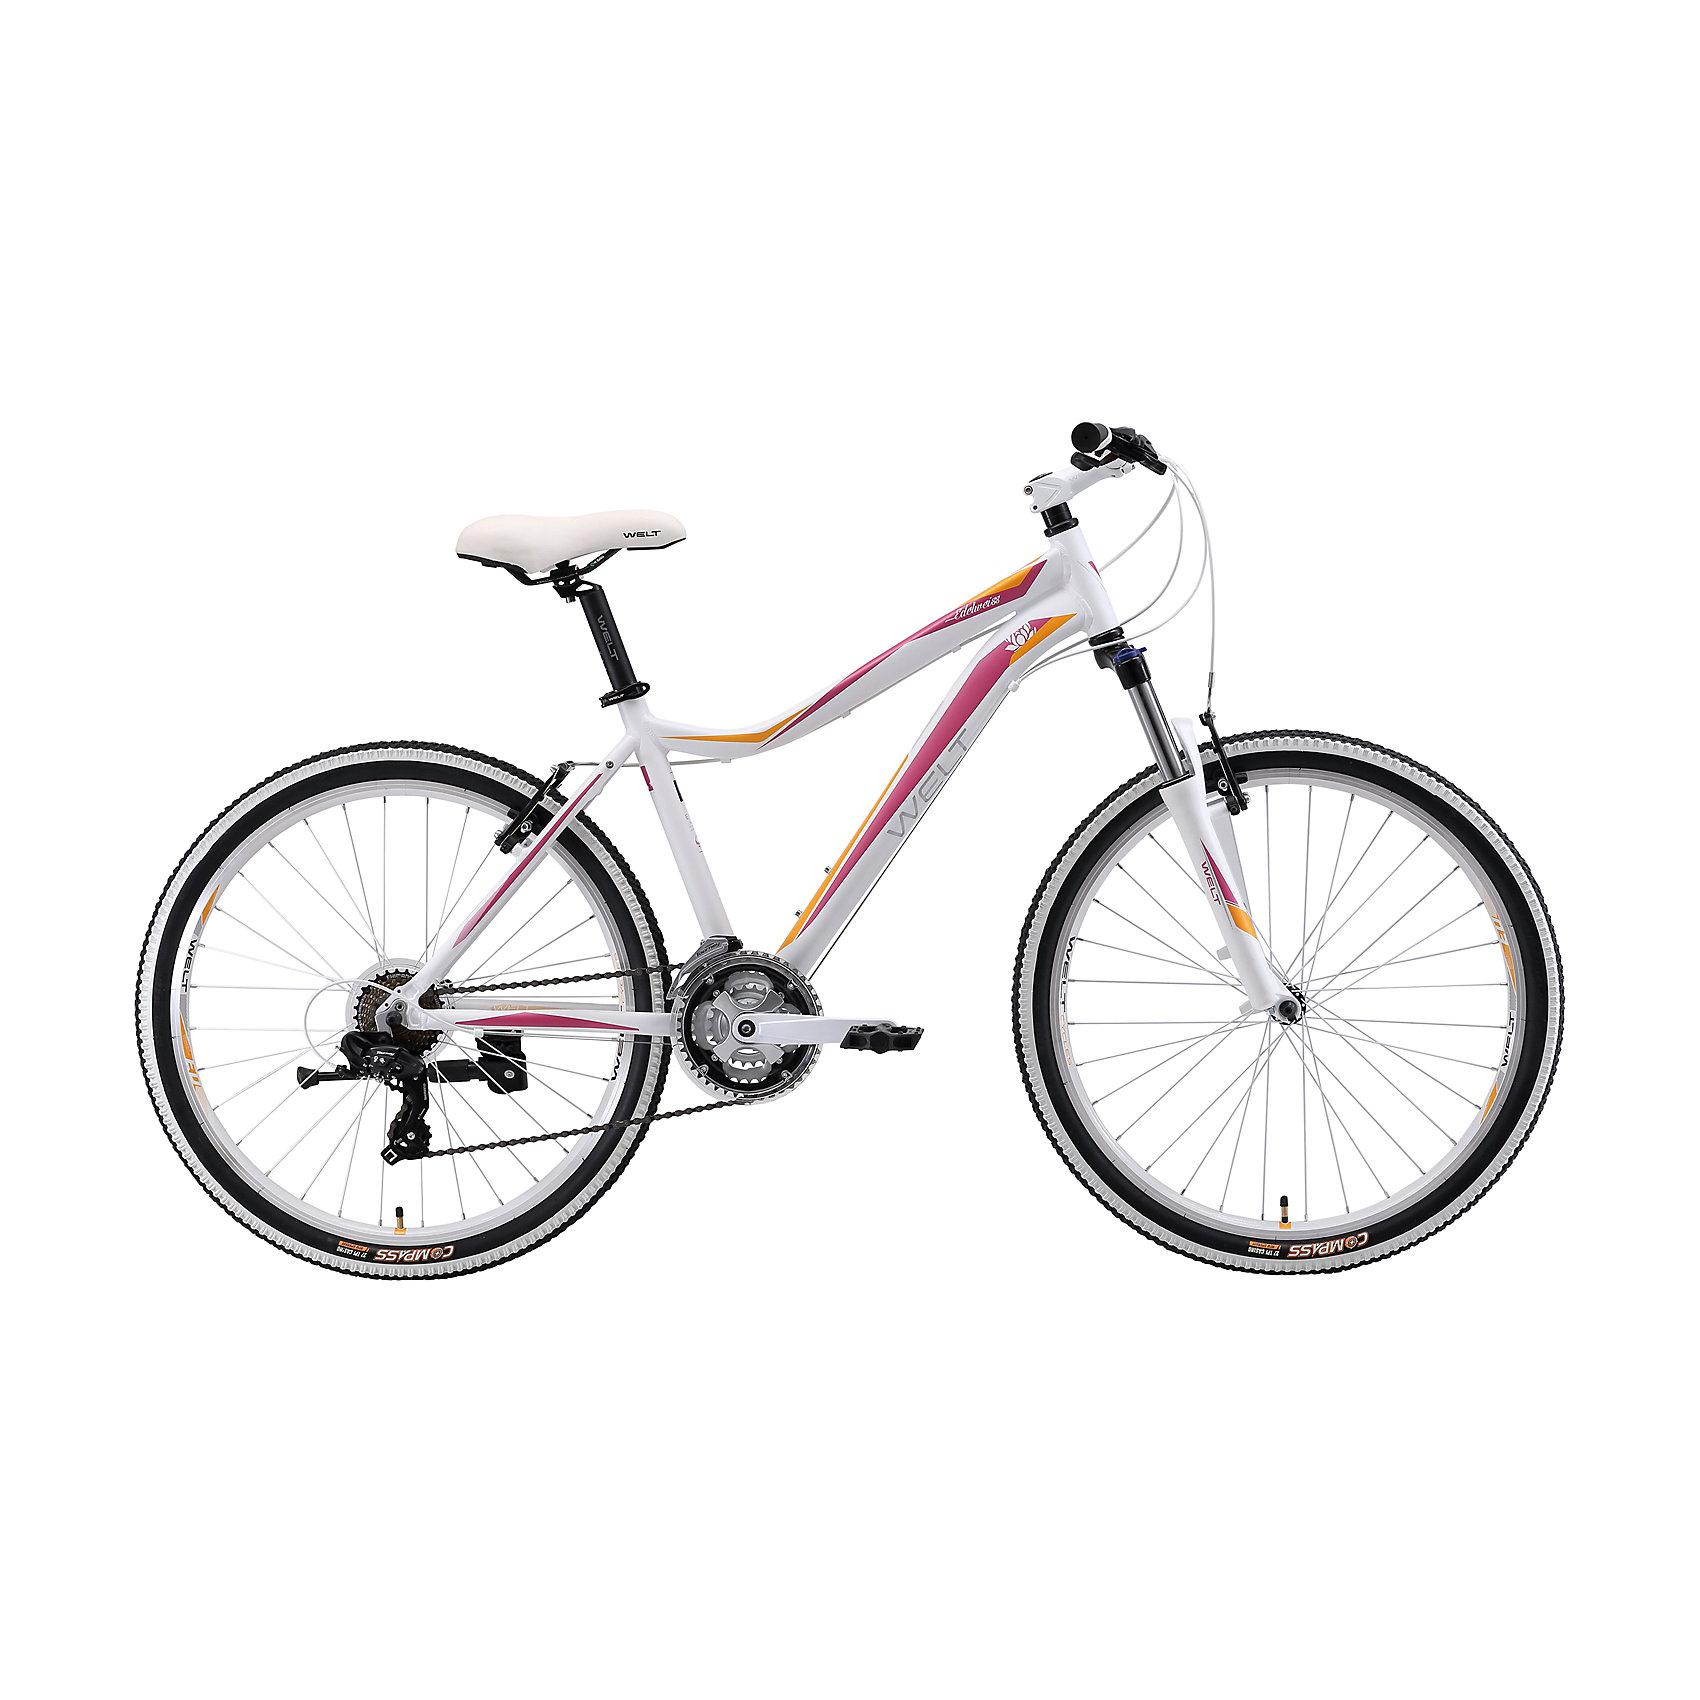 Велосипед  Edelweiss 1.0, 17 дюймов, бело-фиолетовый, WeltВелосипеды детские<br>Характеристики товара:<br><br>• цвет: белый, фиолетовый<br>• рама: Alloy 6061 <br>• размер рамы: 16,20<br>• диаметр колес: 26<br>• кол-во скоростей: 21<br>• тип вилки: амортизационная<br>• вилка: WELT MRK MLO 100mm<br>• переключатель задний : Shimano TY-300<br>• переключатель передний: Shimano TZ-30<br>• шифтеры: Shimano EF-51<br>• тип тормозов: дисковые механические<br>• тормоза: JAK-5<br>• система:  steel 42/34/24 <br>• кассета: Shimano HG20 12-28T<br>• тип рулевой колонки:  1-1/8 безрезьбовая<br>• покрышки: Compass 26 x 2,1 <br>• страна бренда: Германия <br><br>Велосипед  Edelweiss 1.0 D -это модель, которая создана  для кросс-кантри. Большие колеса, мягкая амортизация позволят преодолеть путь, проходящий по загородному бездорожью. <br><br>Велосипед  Edelweiss 1.0 D, 17 дюймов, бело-фиолетовый, Welt можно купить в нашем интернет-магазине.<br><br>Ширина мм: 1450<br>Глубина мм: 200<br>Высота мм: 800<br>Вес г: 16500<br>Возраст от месяцев: 168<br>Возраст до месяцев: 2147483647<br>Пол: Женский<br>Возраст: Детский<br>SKU: 5569418